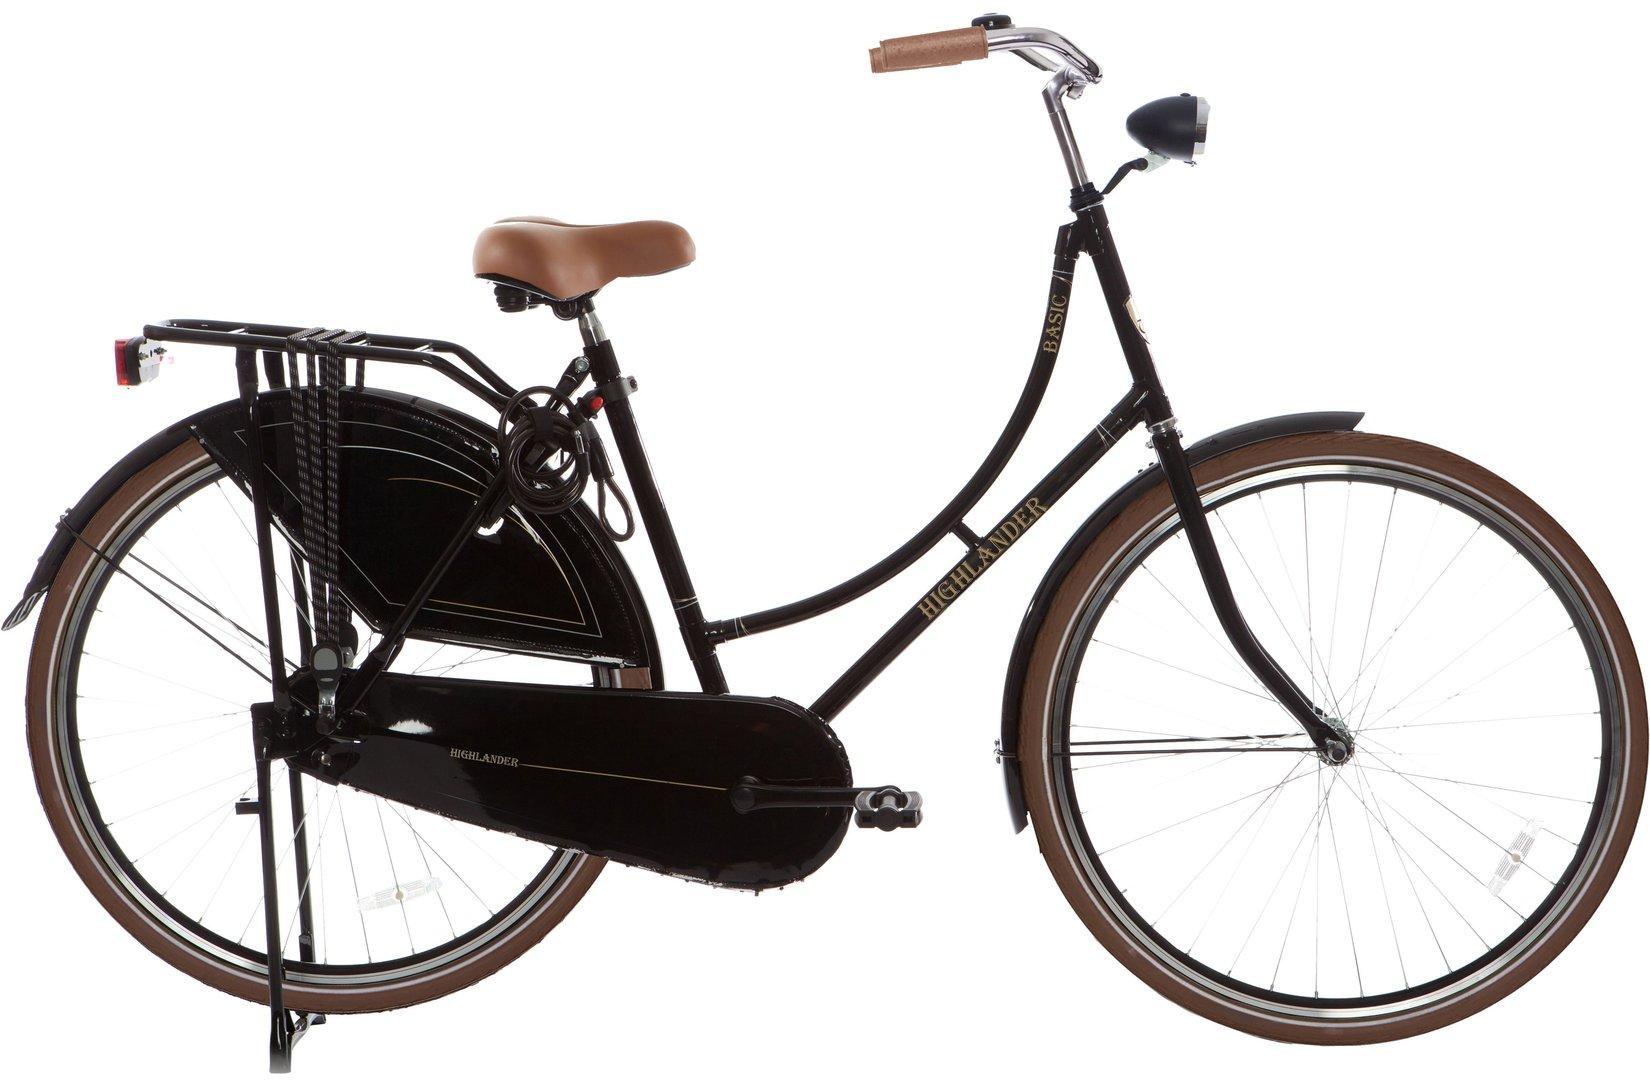 28 zoll hollandrad highlander matt schwarz fahrrad ass. Black Bedroom Furniture Sets. Home Design Ideas